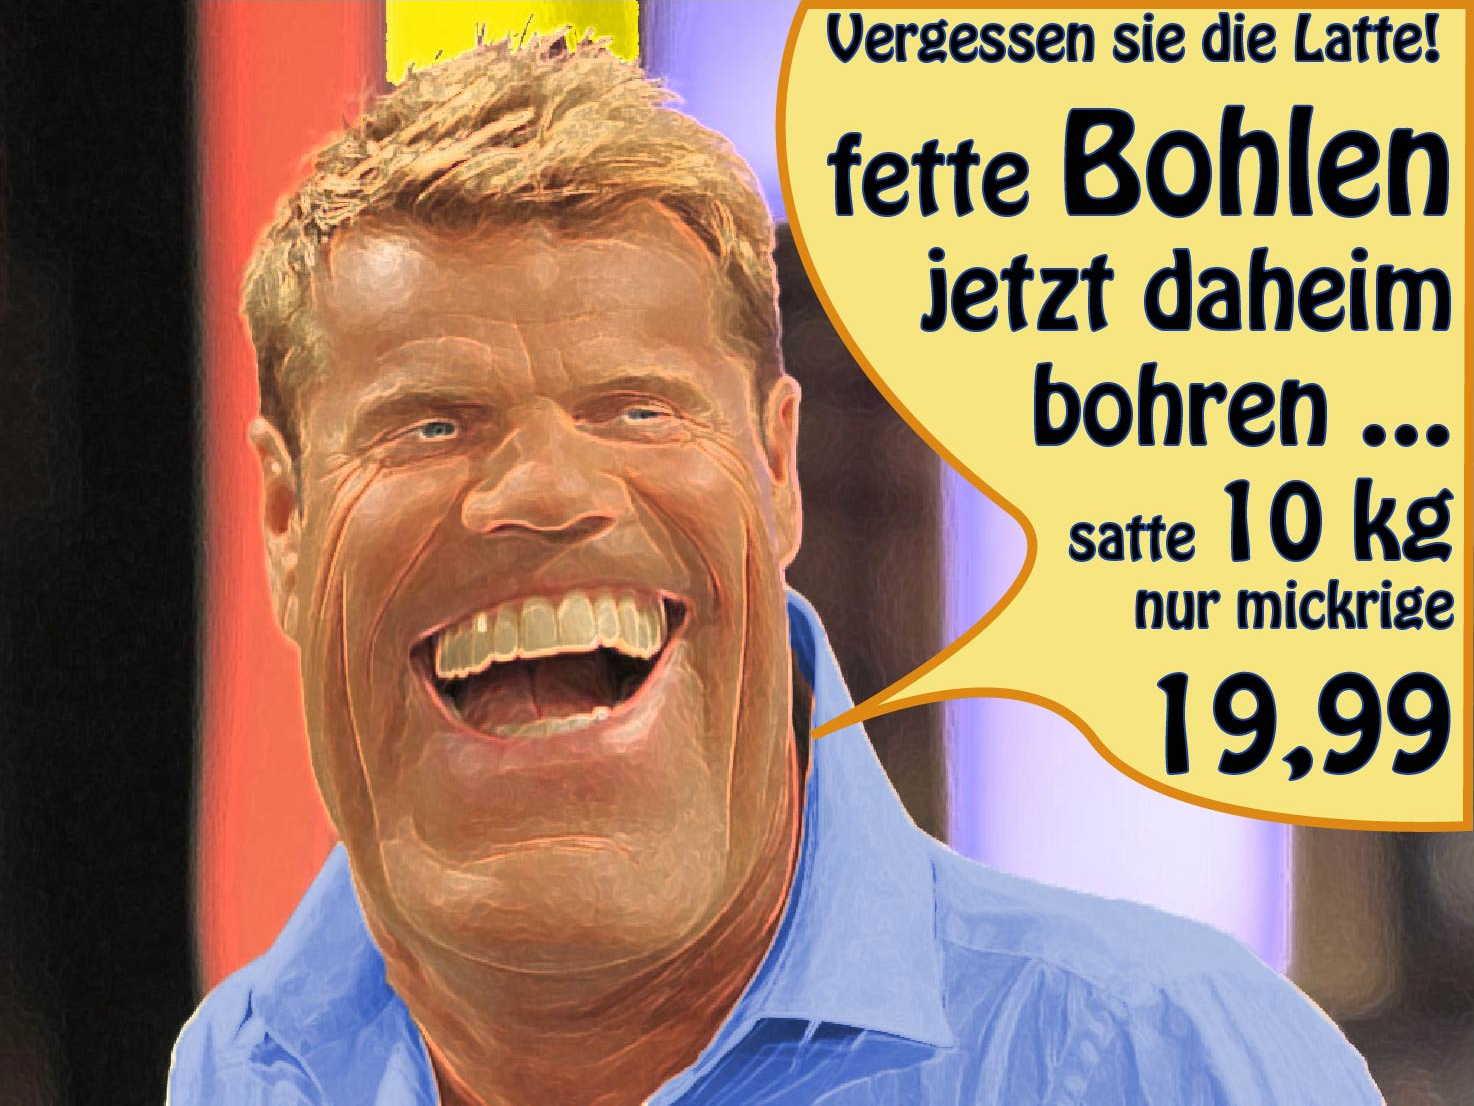 RTL Dieter Bohlen Bezahl-mich-Fernsehen